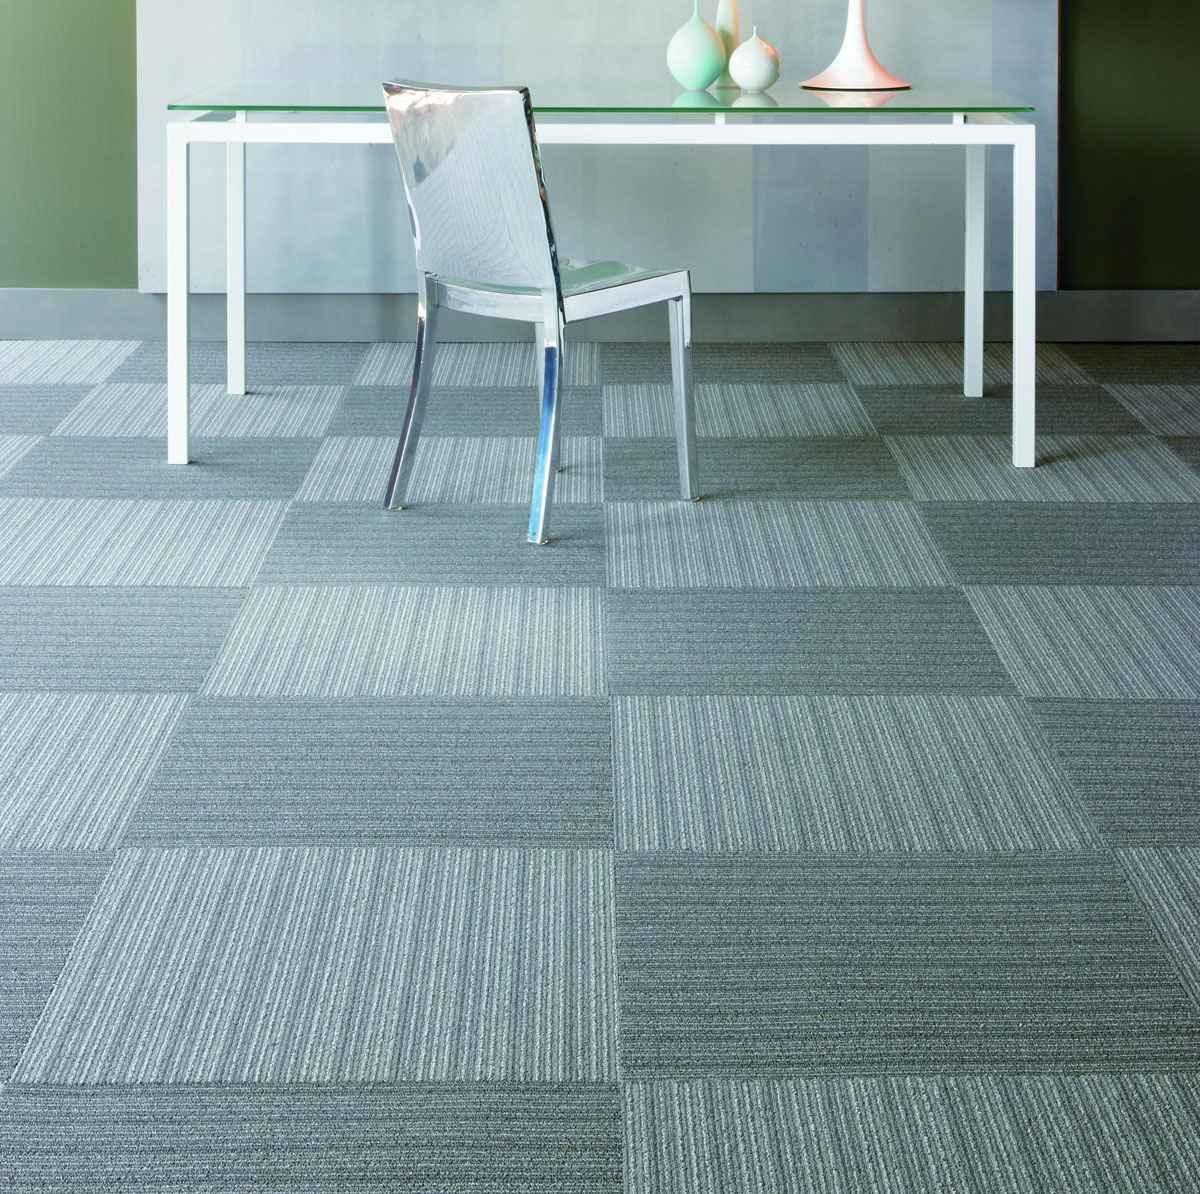 Best Carpet Pad For Concrete Basement Floor